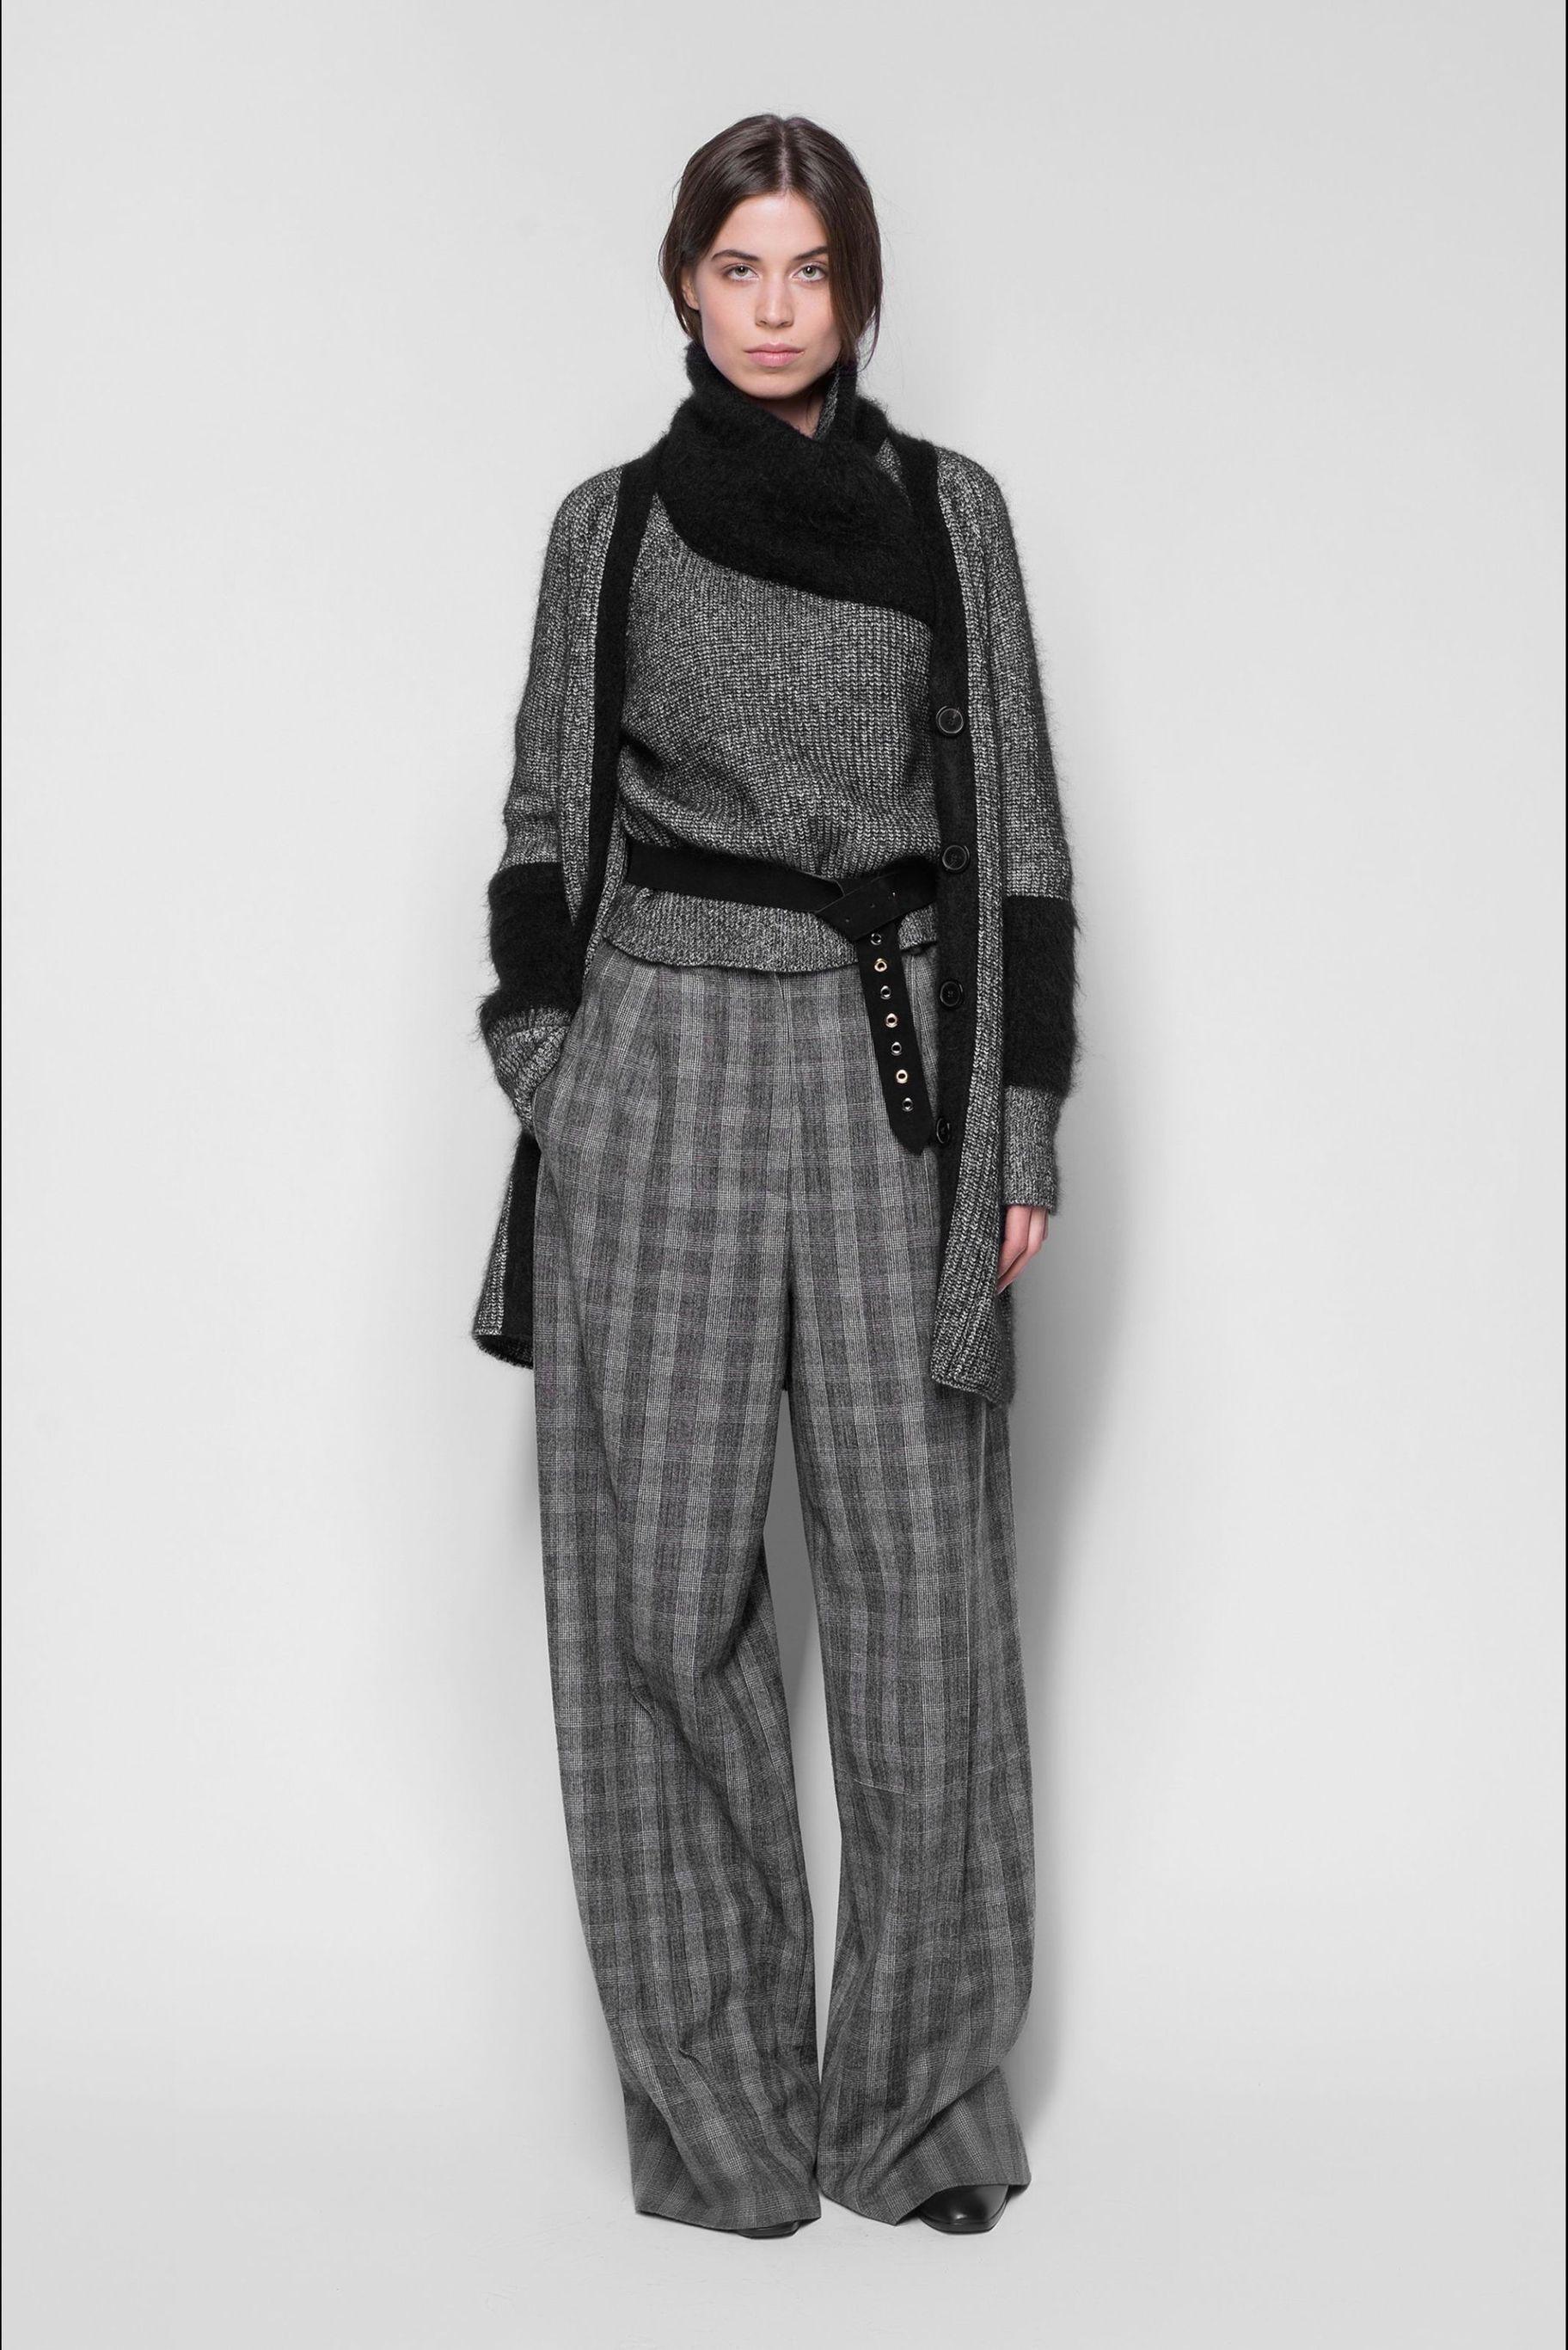 5f6b52f2984a Pantaloni autunno inverno 2017 2018: i modelli larghi e di moda sono i  pantaloni a palazzo